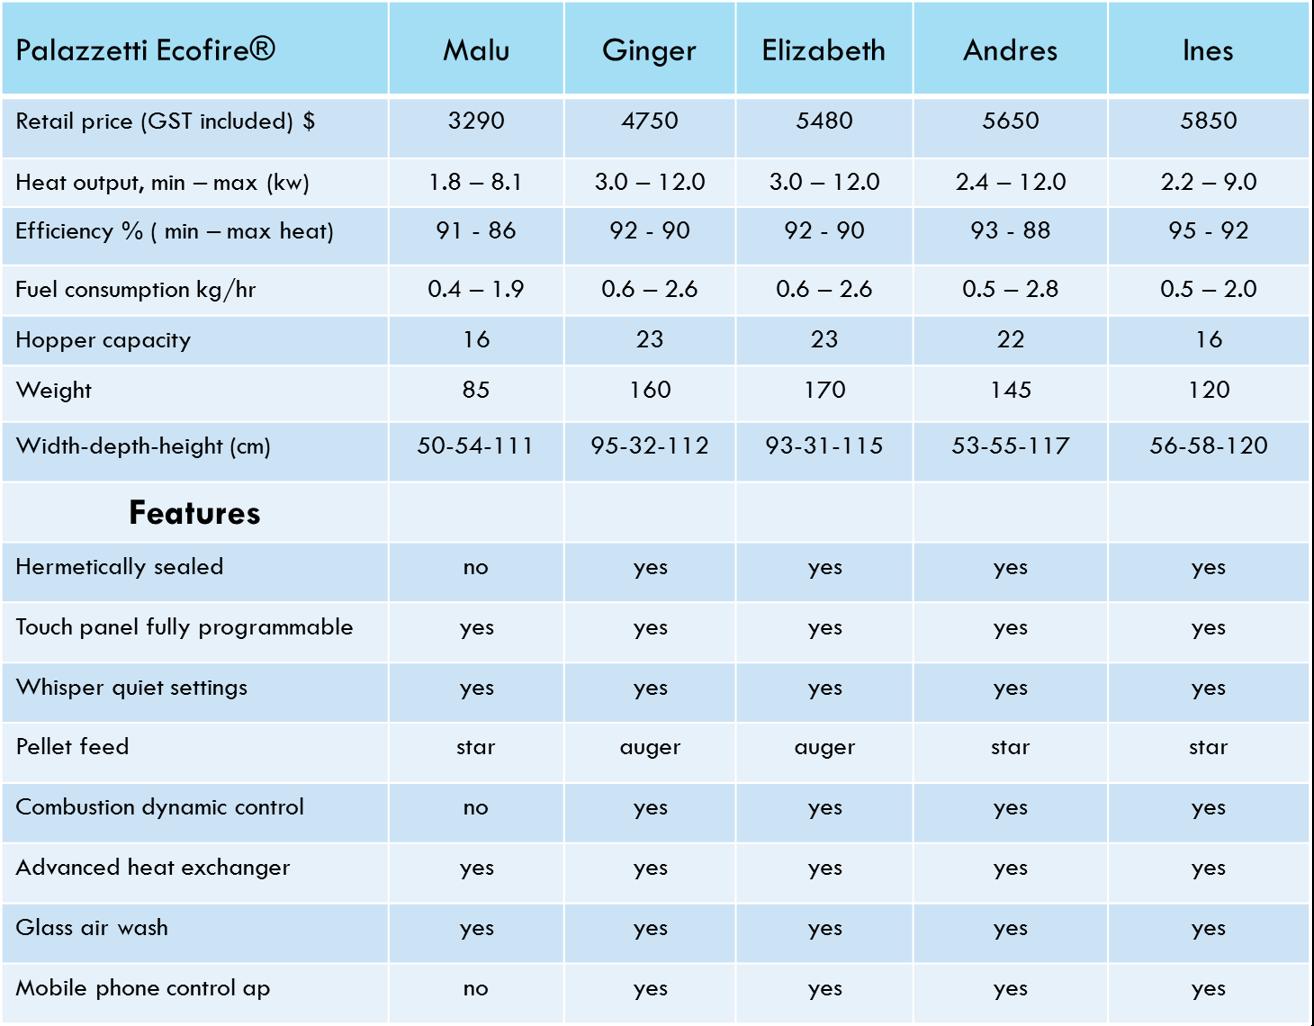 Palazzetti stove comparisons